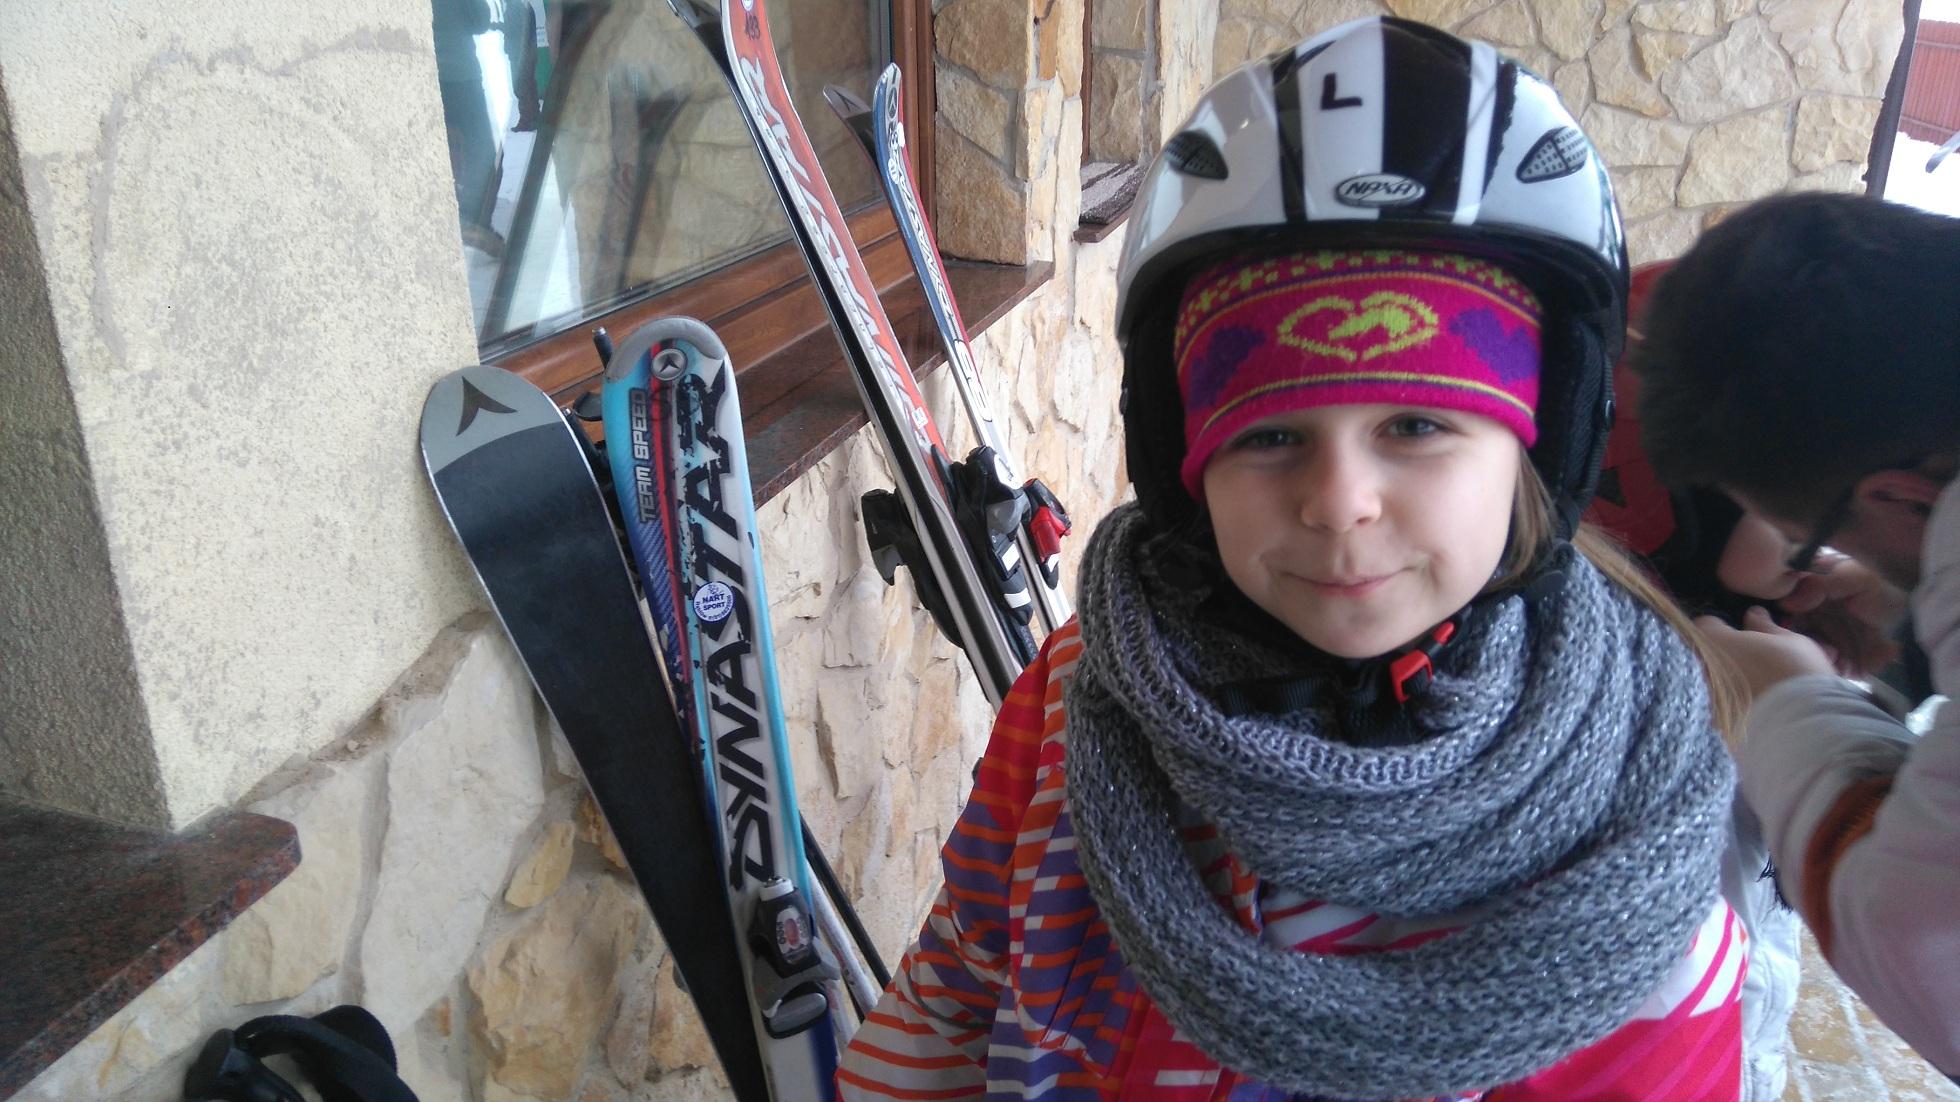 dziewczynka w stroju narciarskim, obok narty ooarte o ścianę budynku